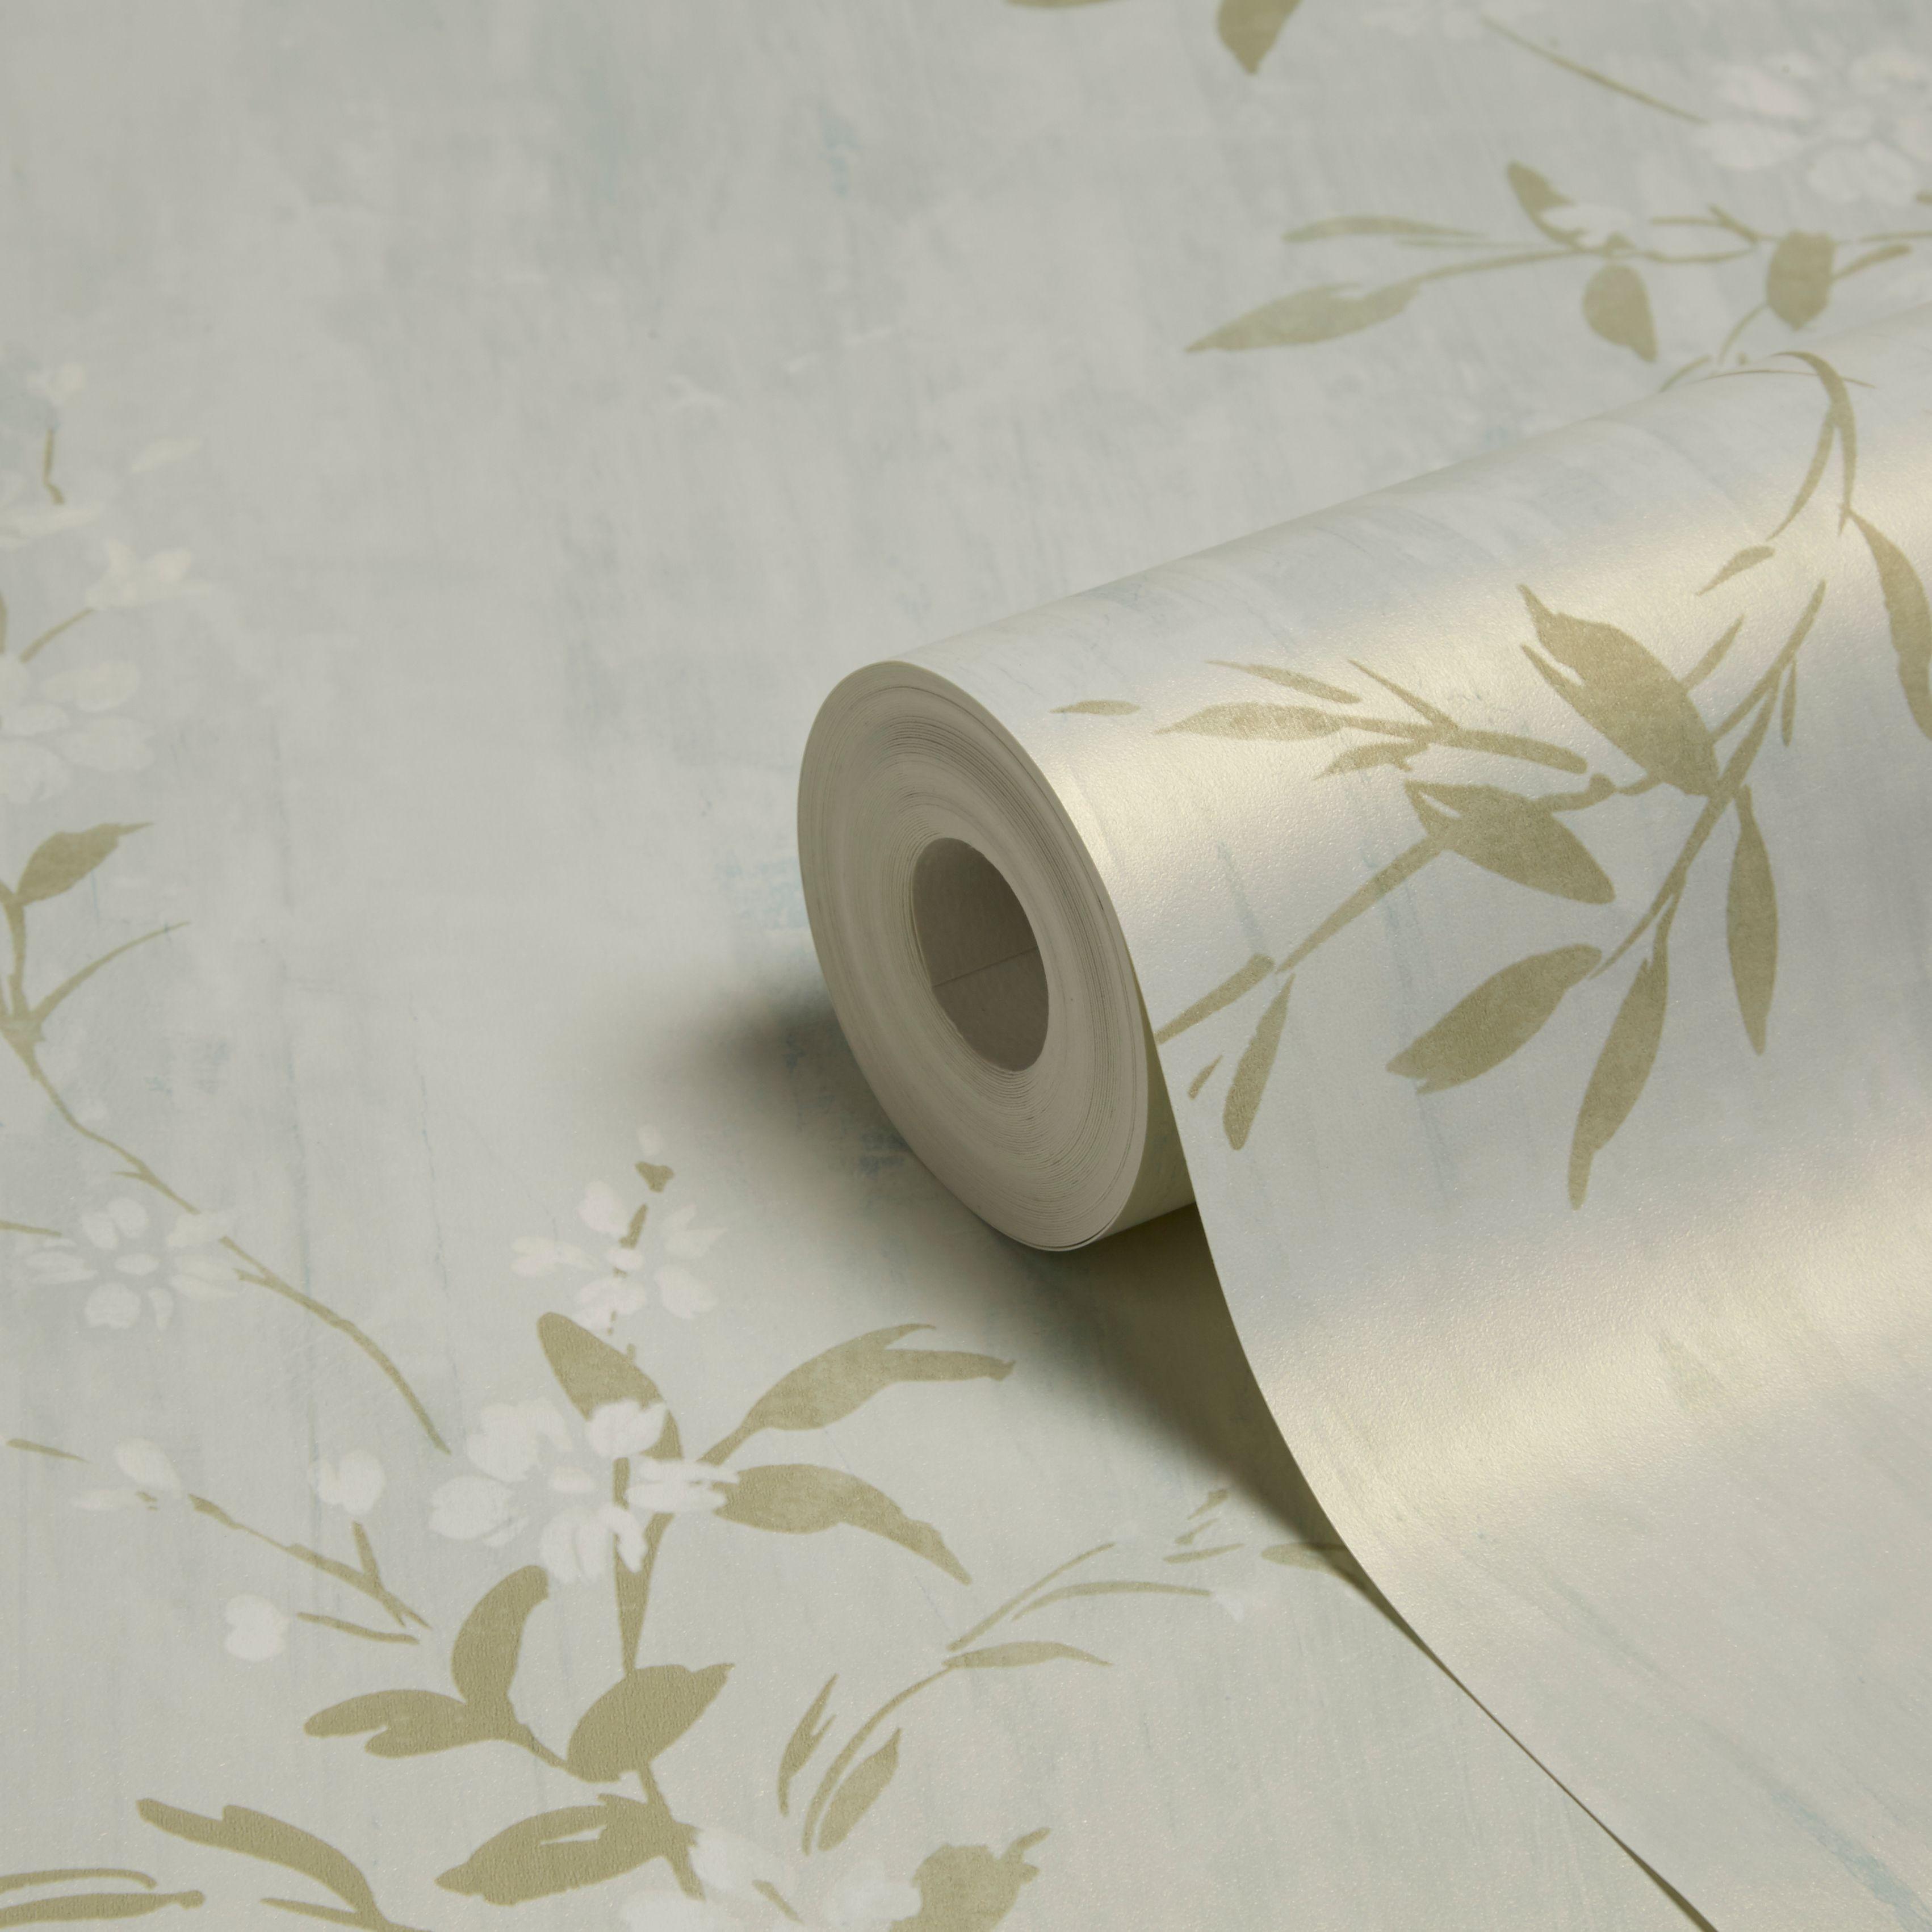 Best Grandeco Prestige Duck Egg Blossom Mica Wallpaper Departments Diy At B Q Wallpaper B Q 400 x 300